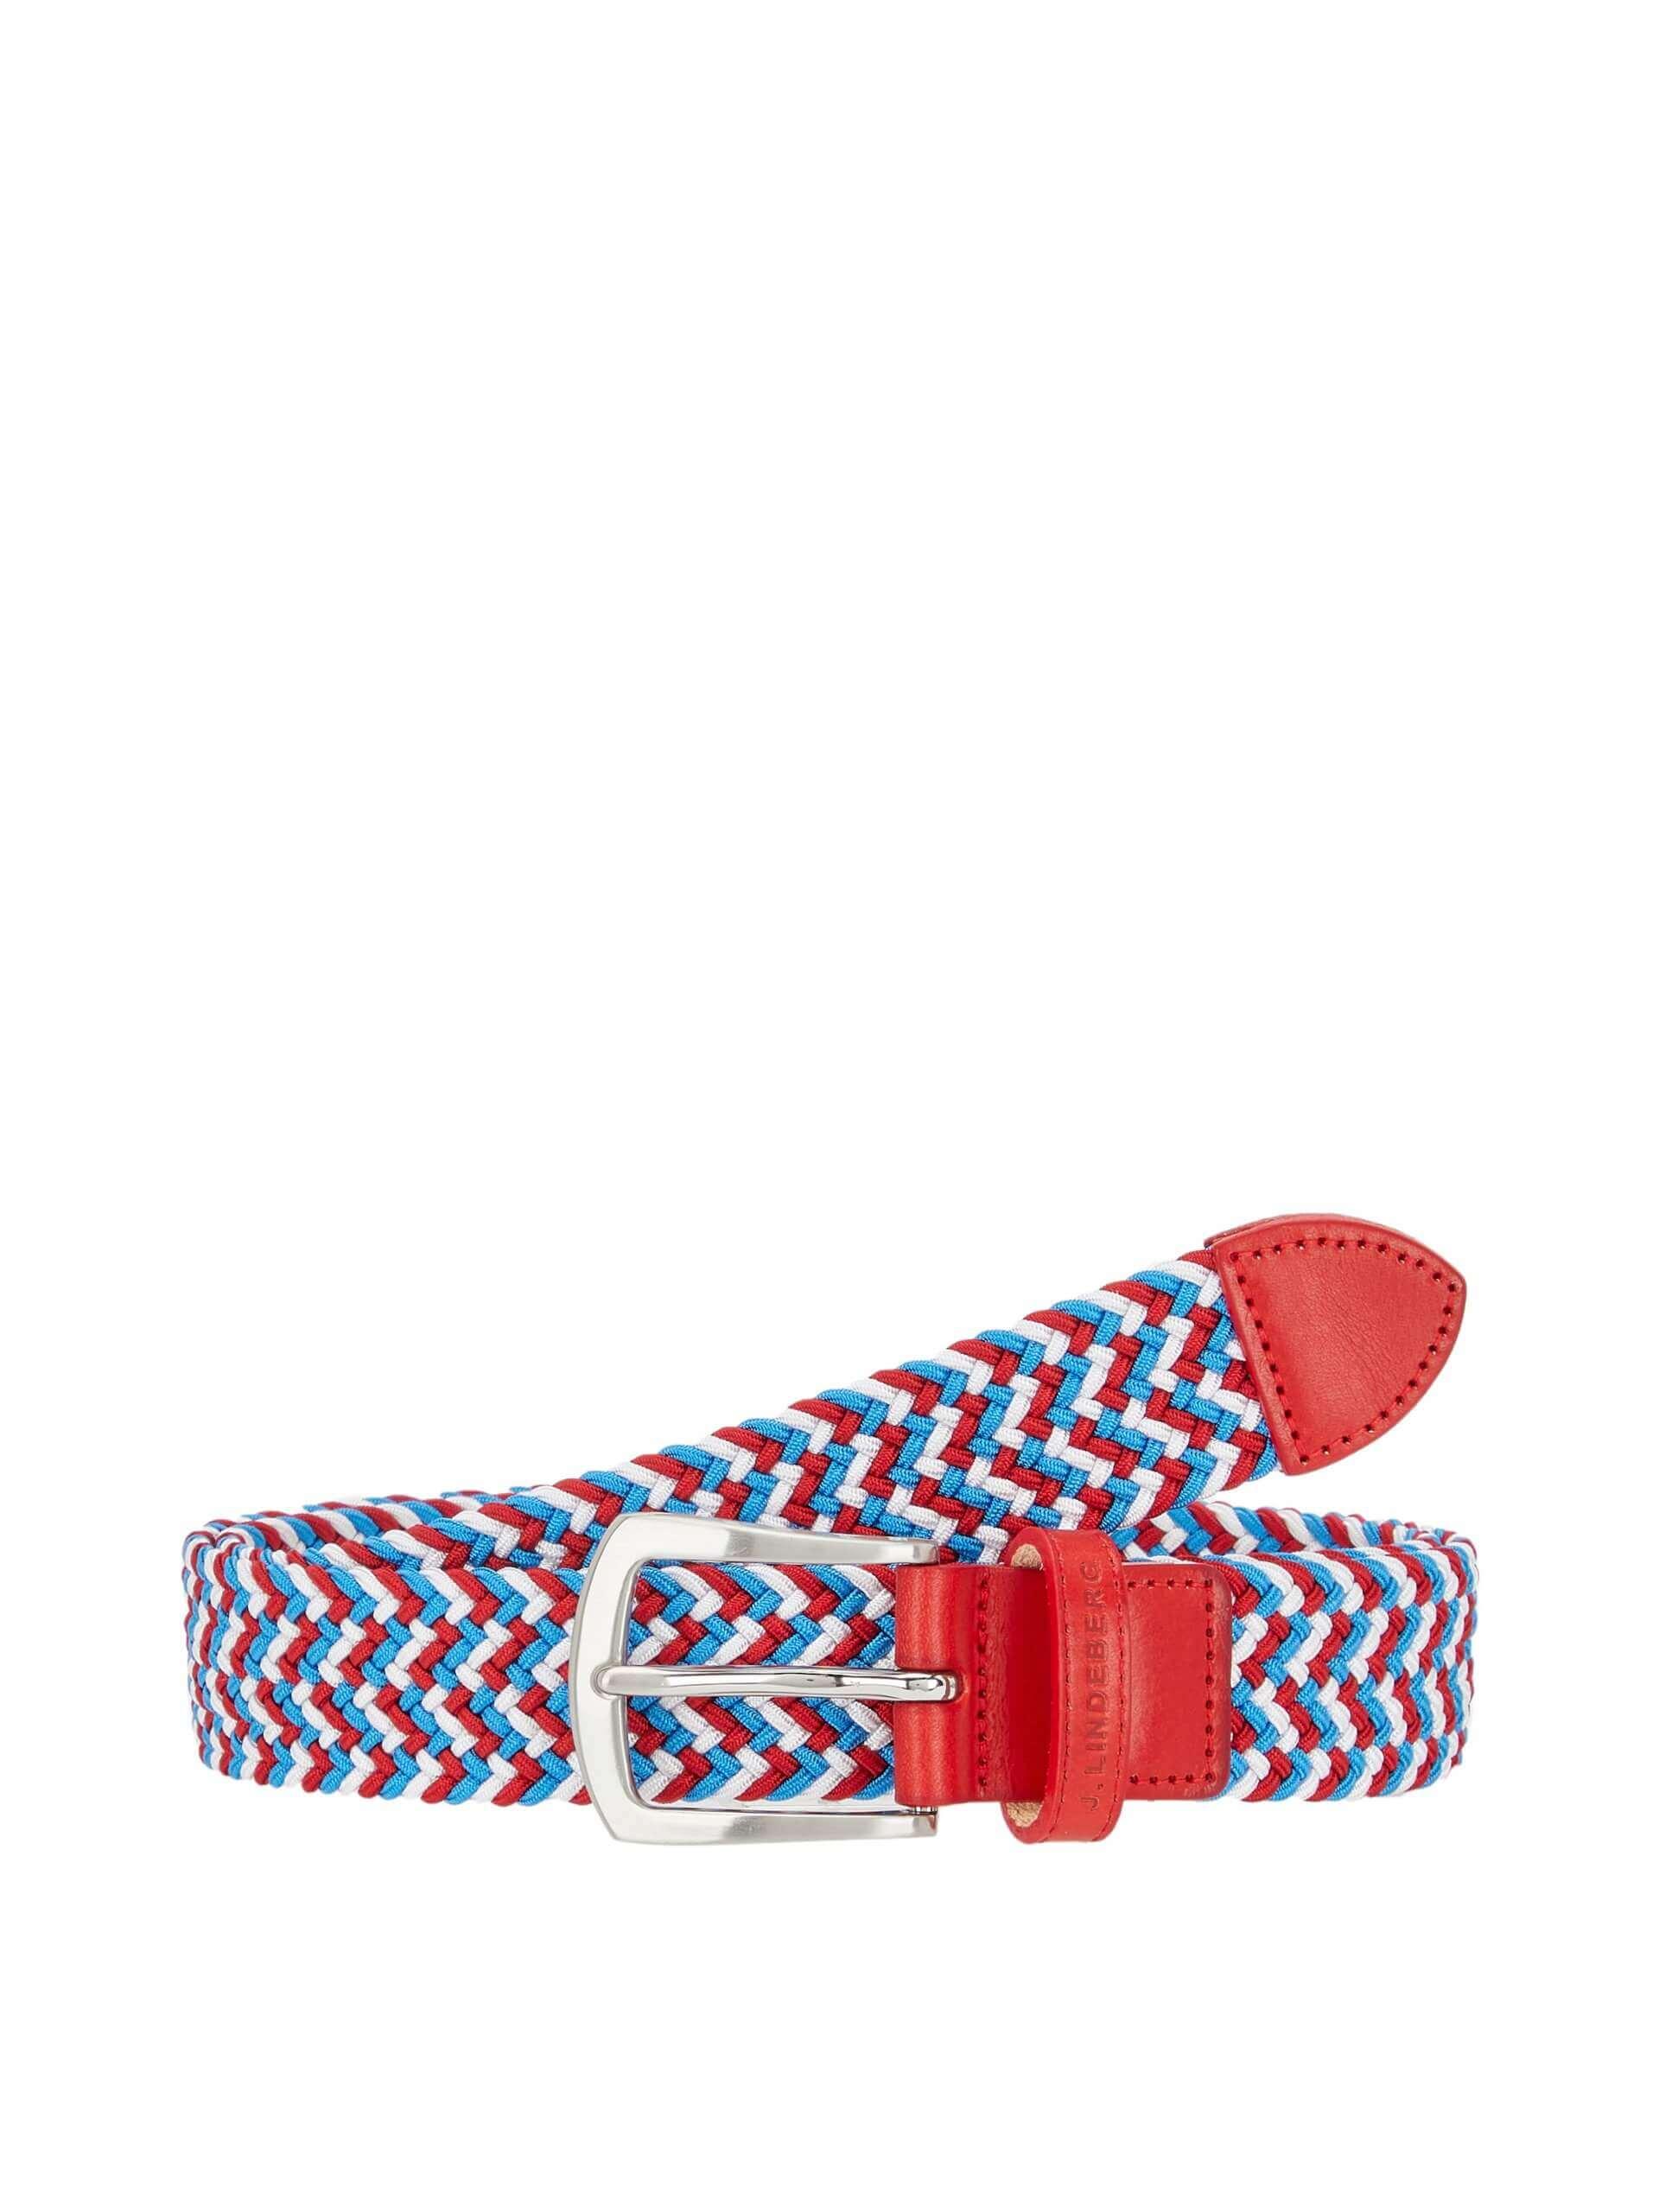 J.Lindeberg - Hatcher Belt in red